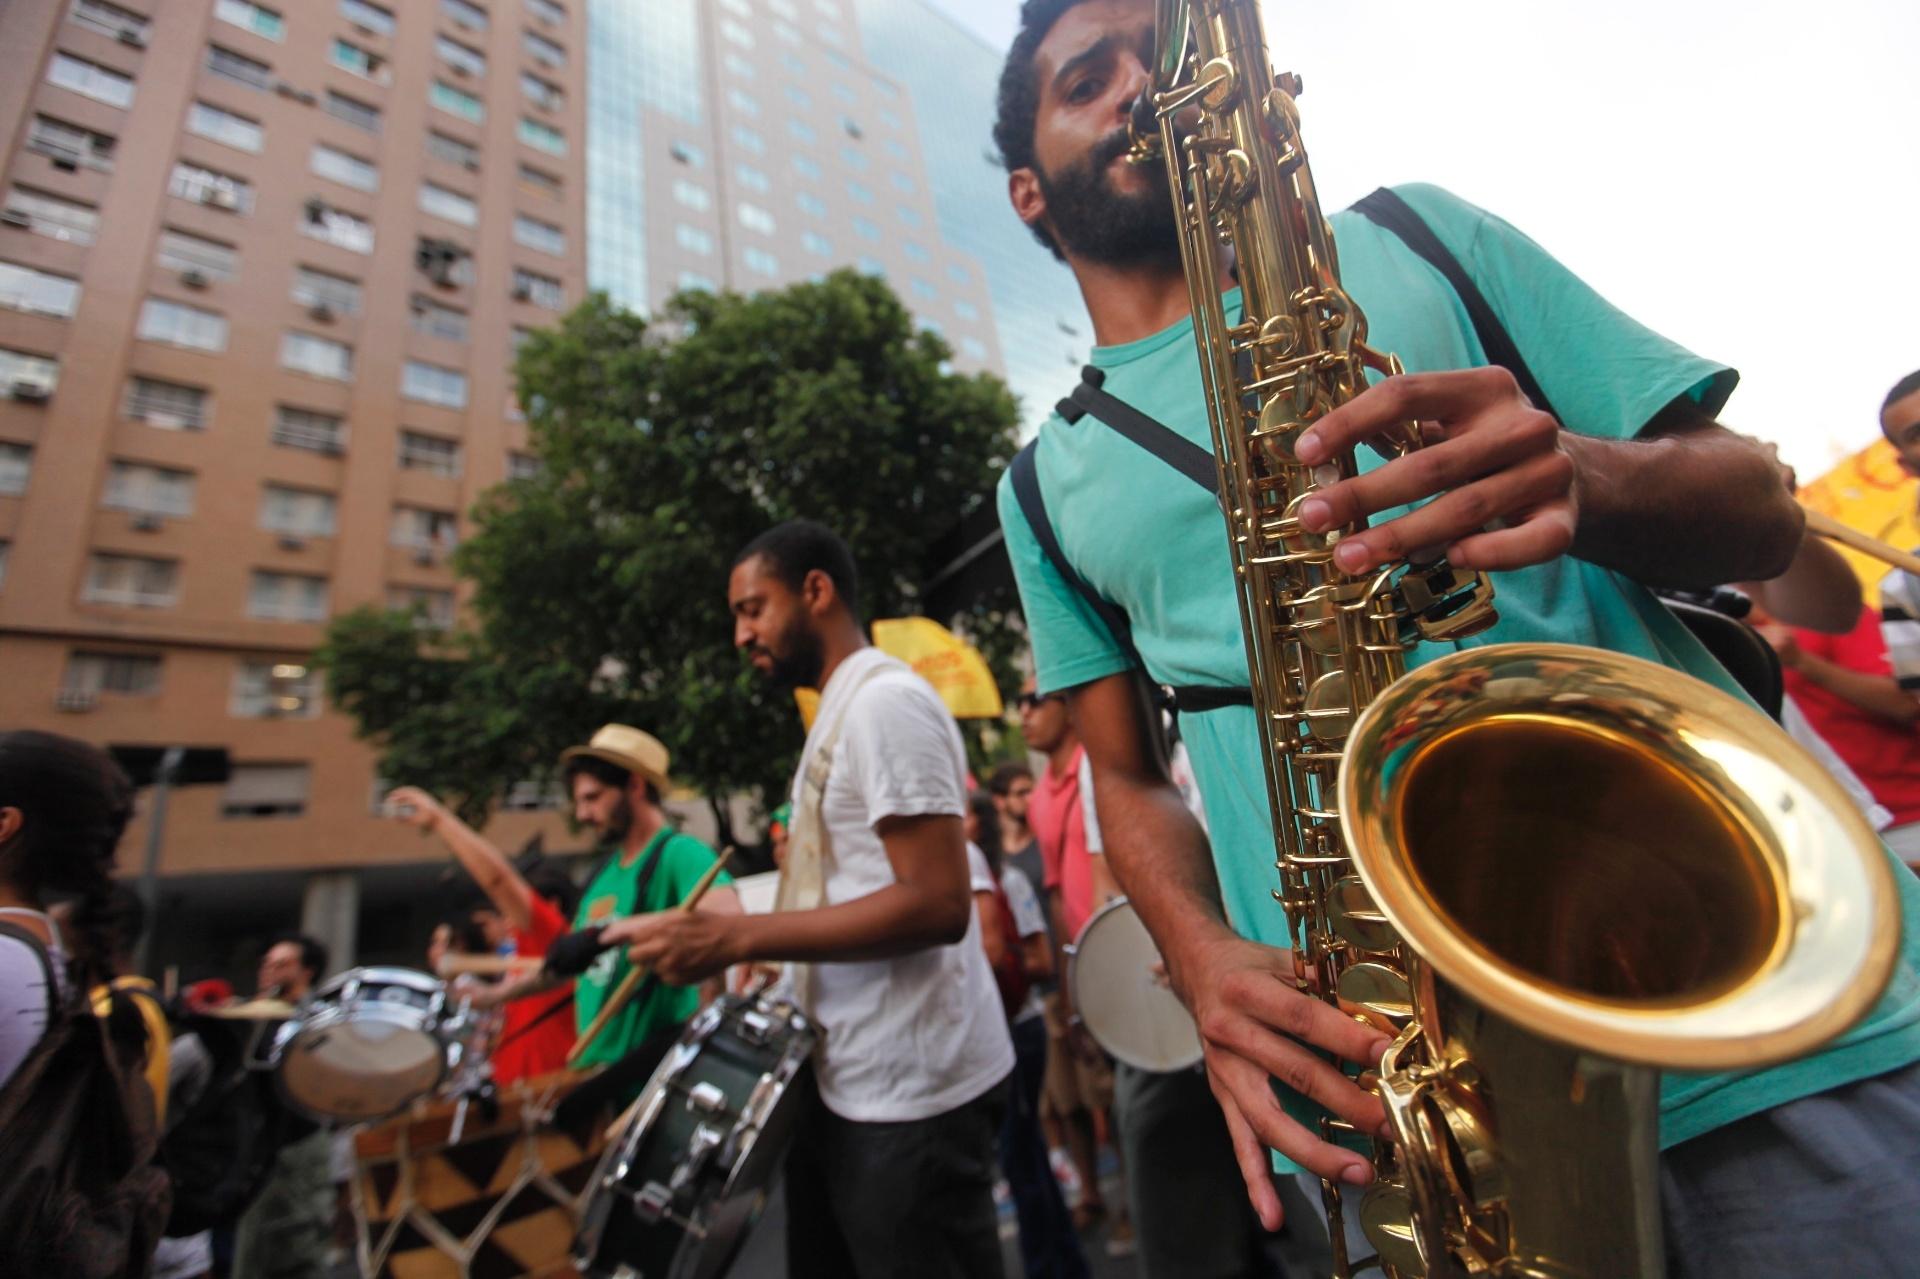 13.fev.2014 - Manifestantes tocam marchinhas de carnaval durante passeata no centro do Rio de Janeiro, em protesto contra o aumento da tarifa de ônibus na capital